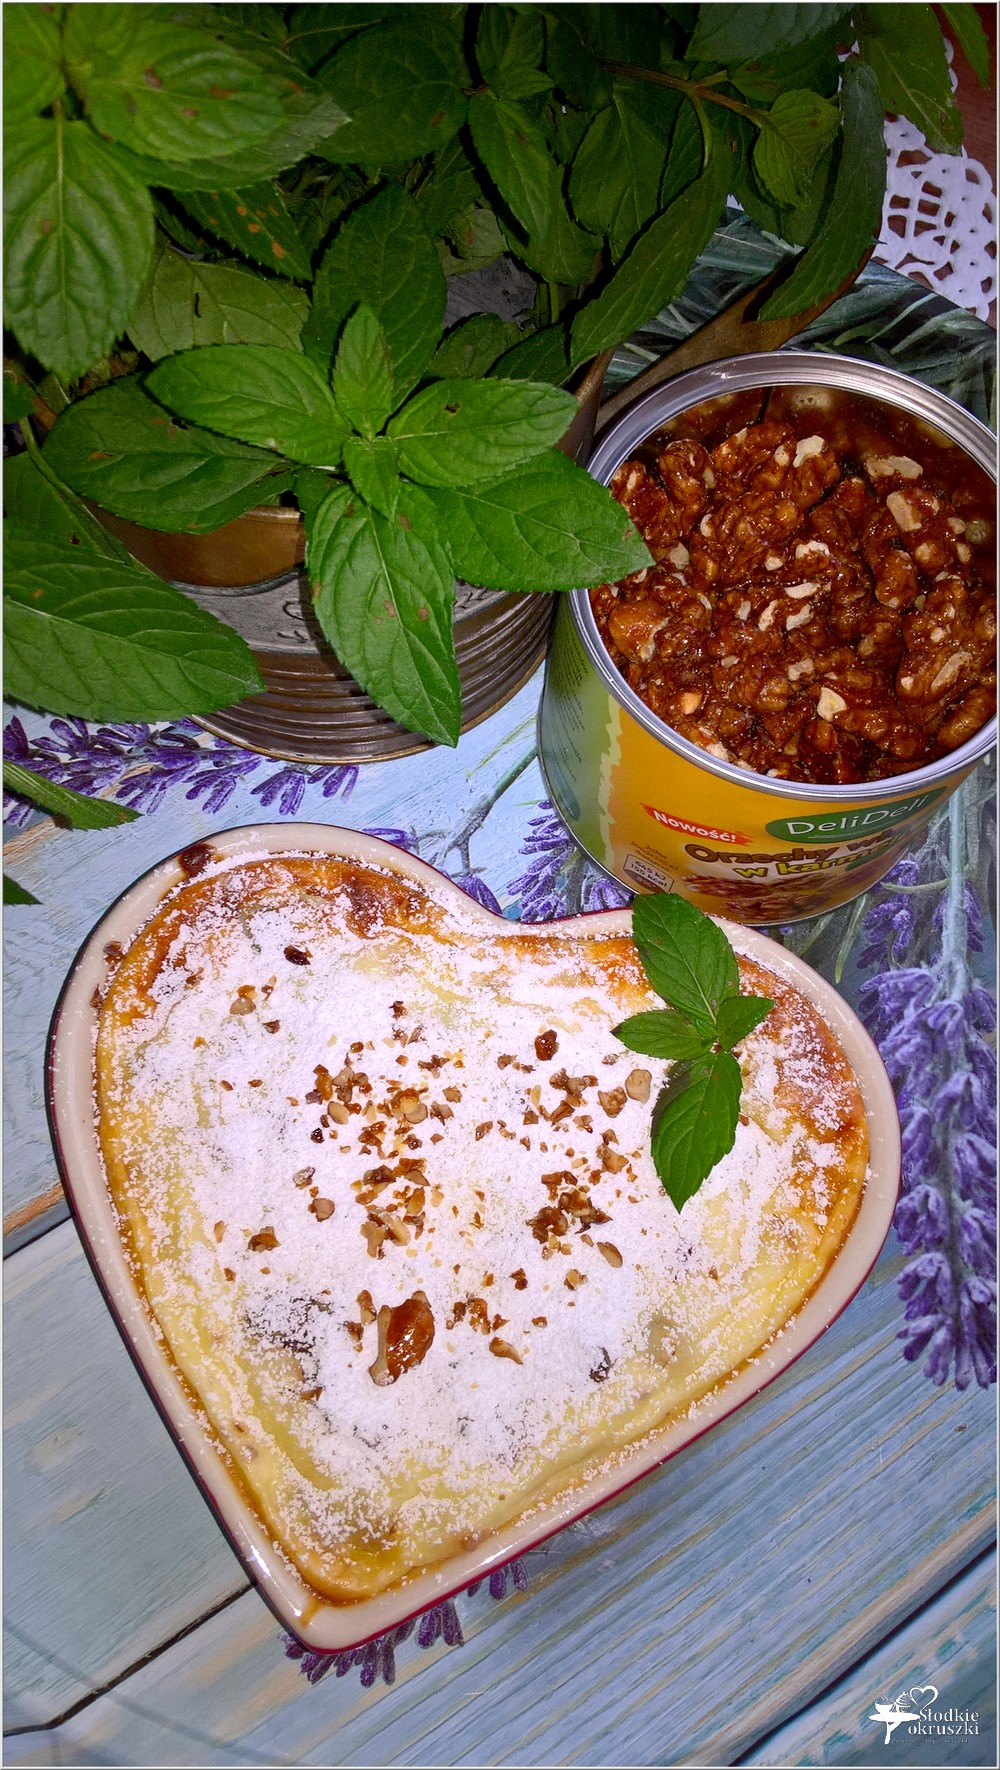 Pieczony serniczek z orzechami włoskimi i kandyzowaną skórką (2)